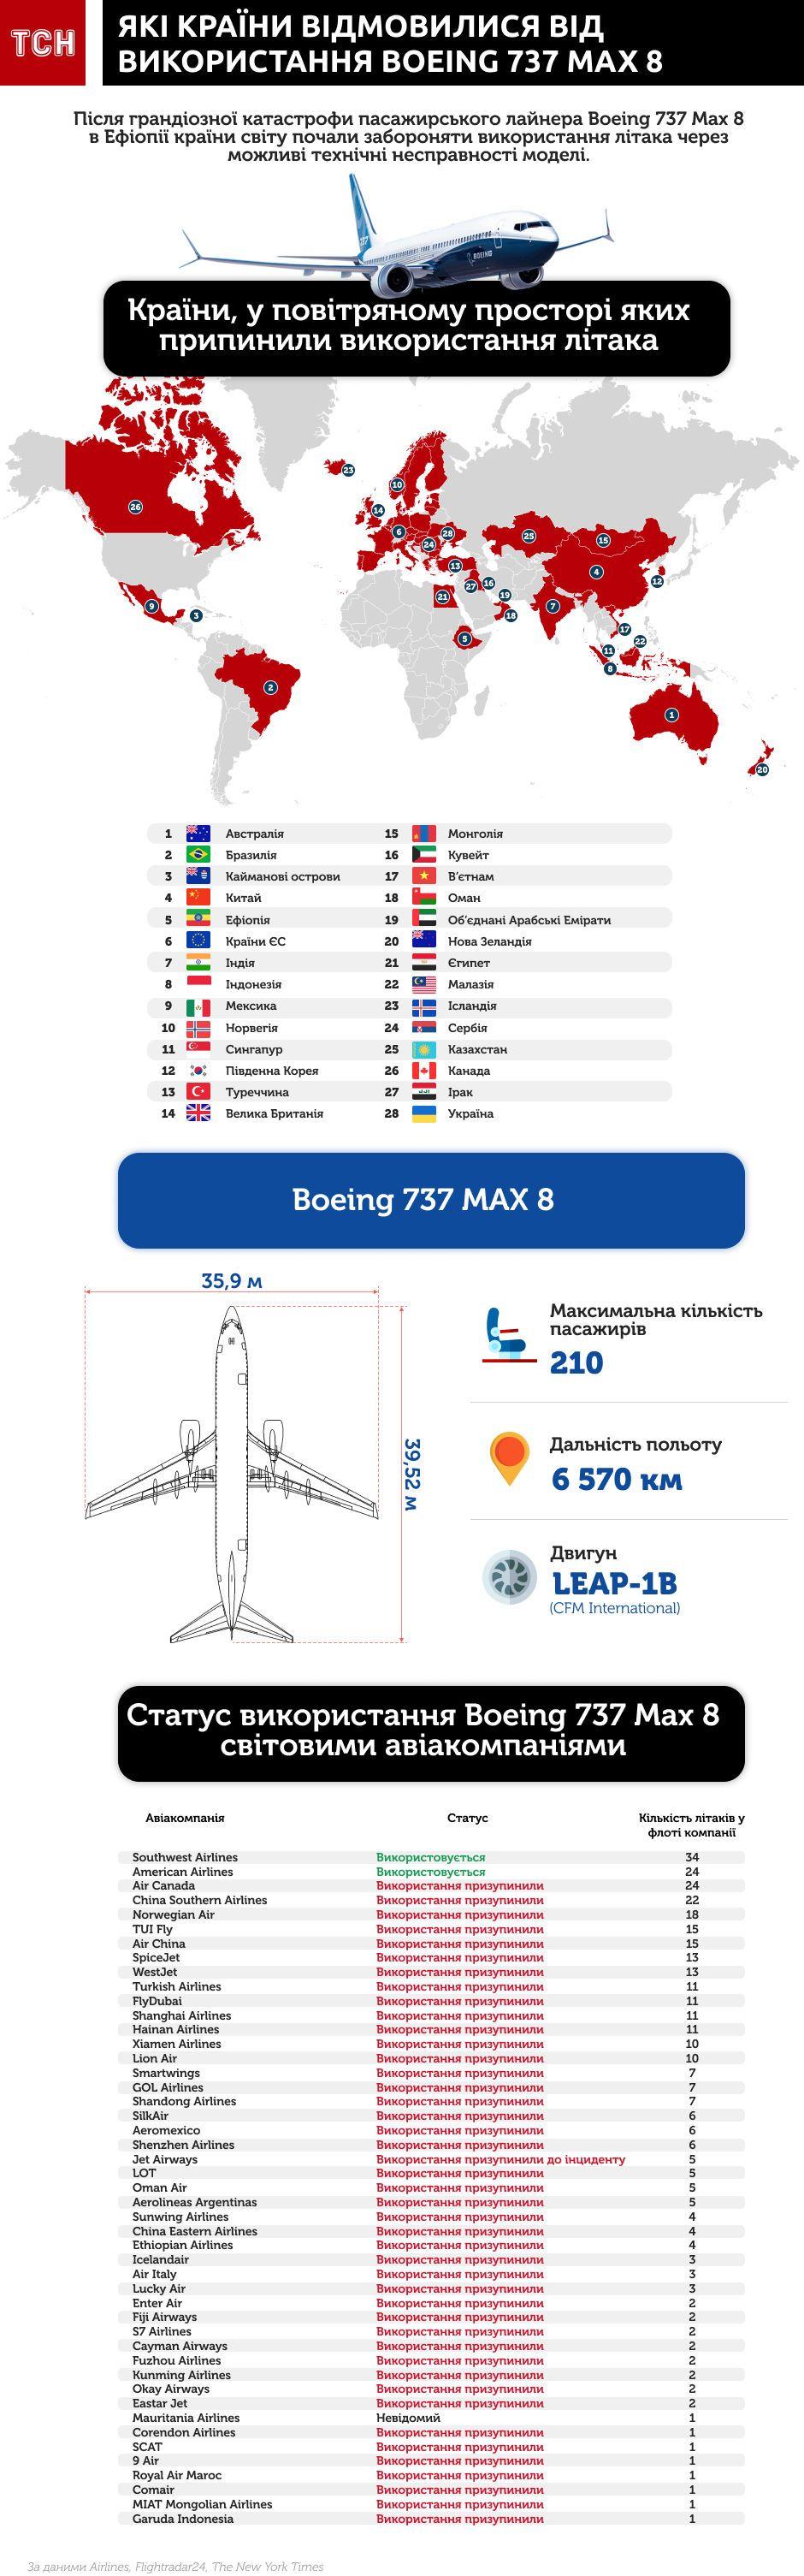 Як країни відмовилися від використання Boeing 737 інфографіка оновлена 3